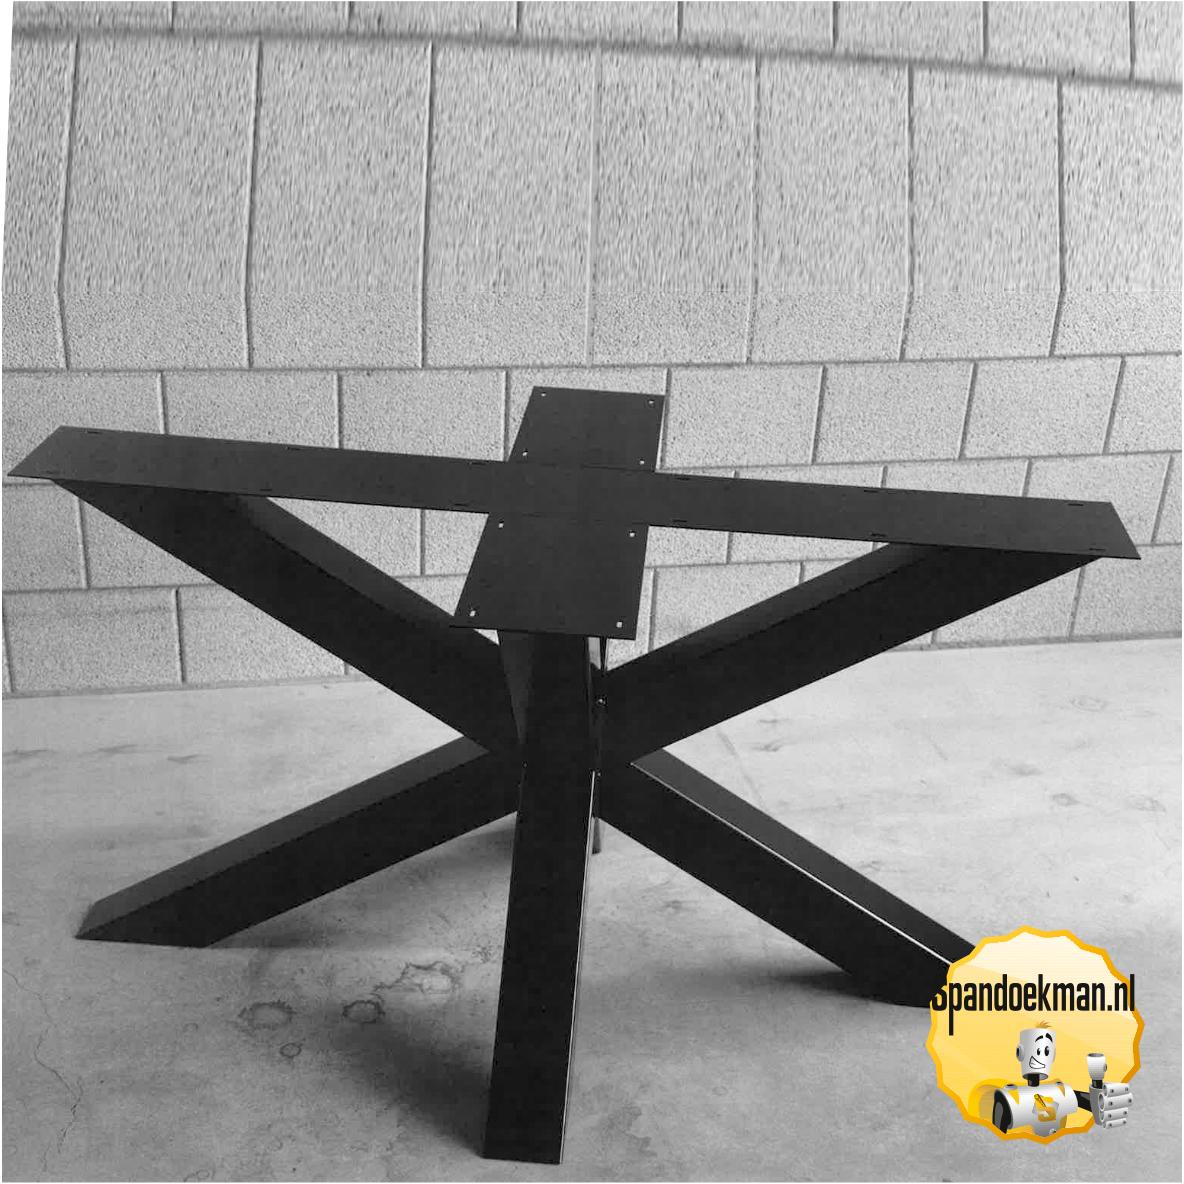 Ronde Eettafel Stalen Frame.Tafelonderstel Eettafel Kruisvoet 3d Van Metaal Set Van 2 Stuks